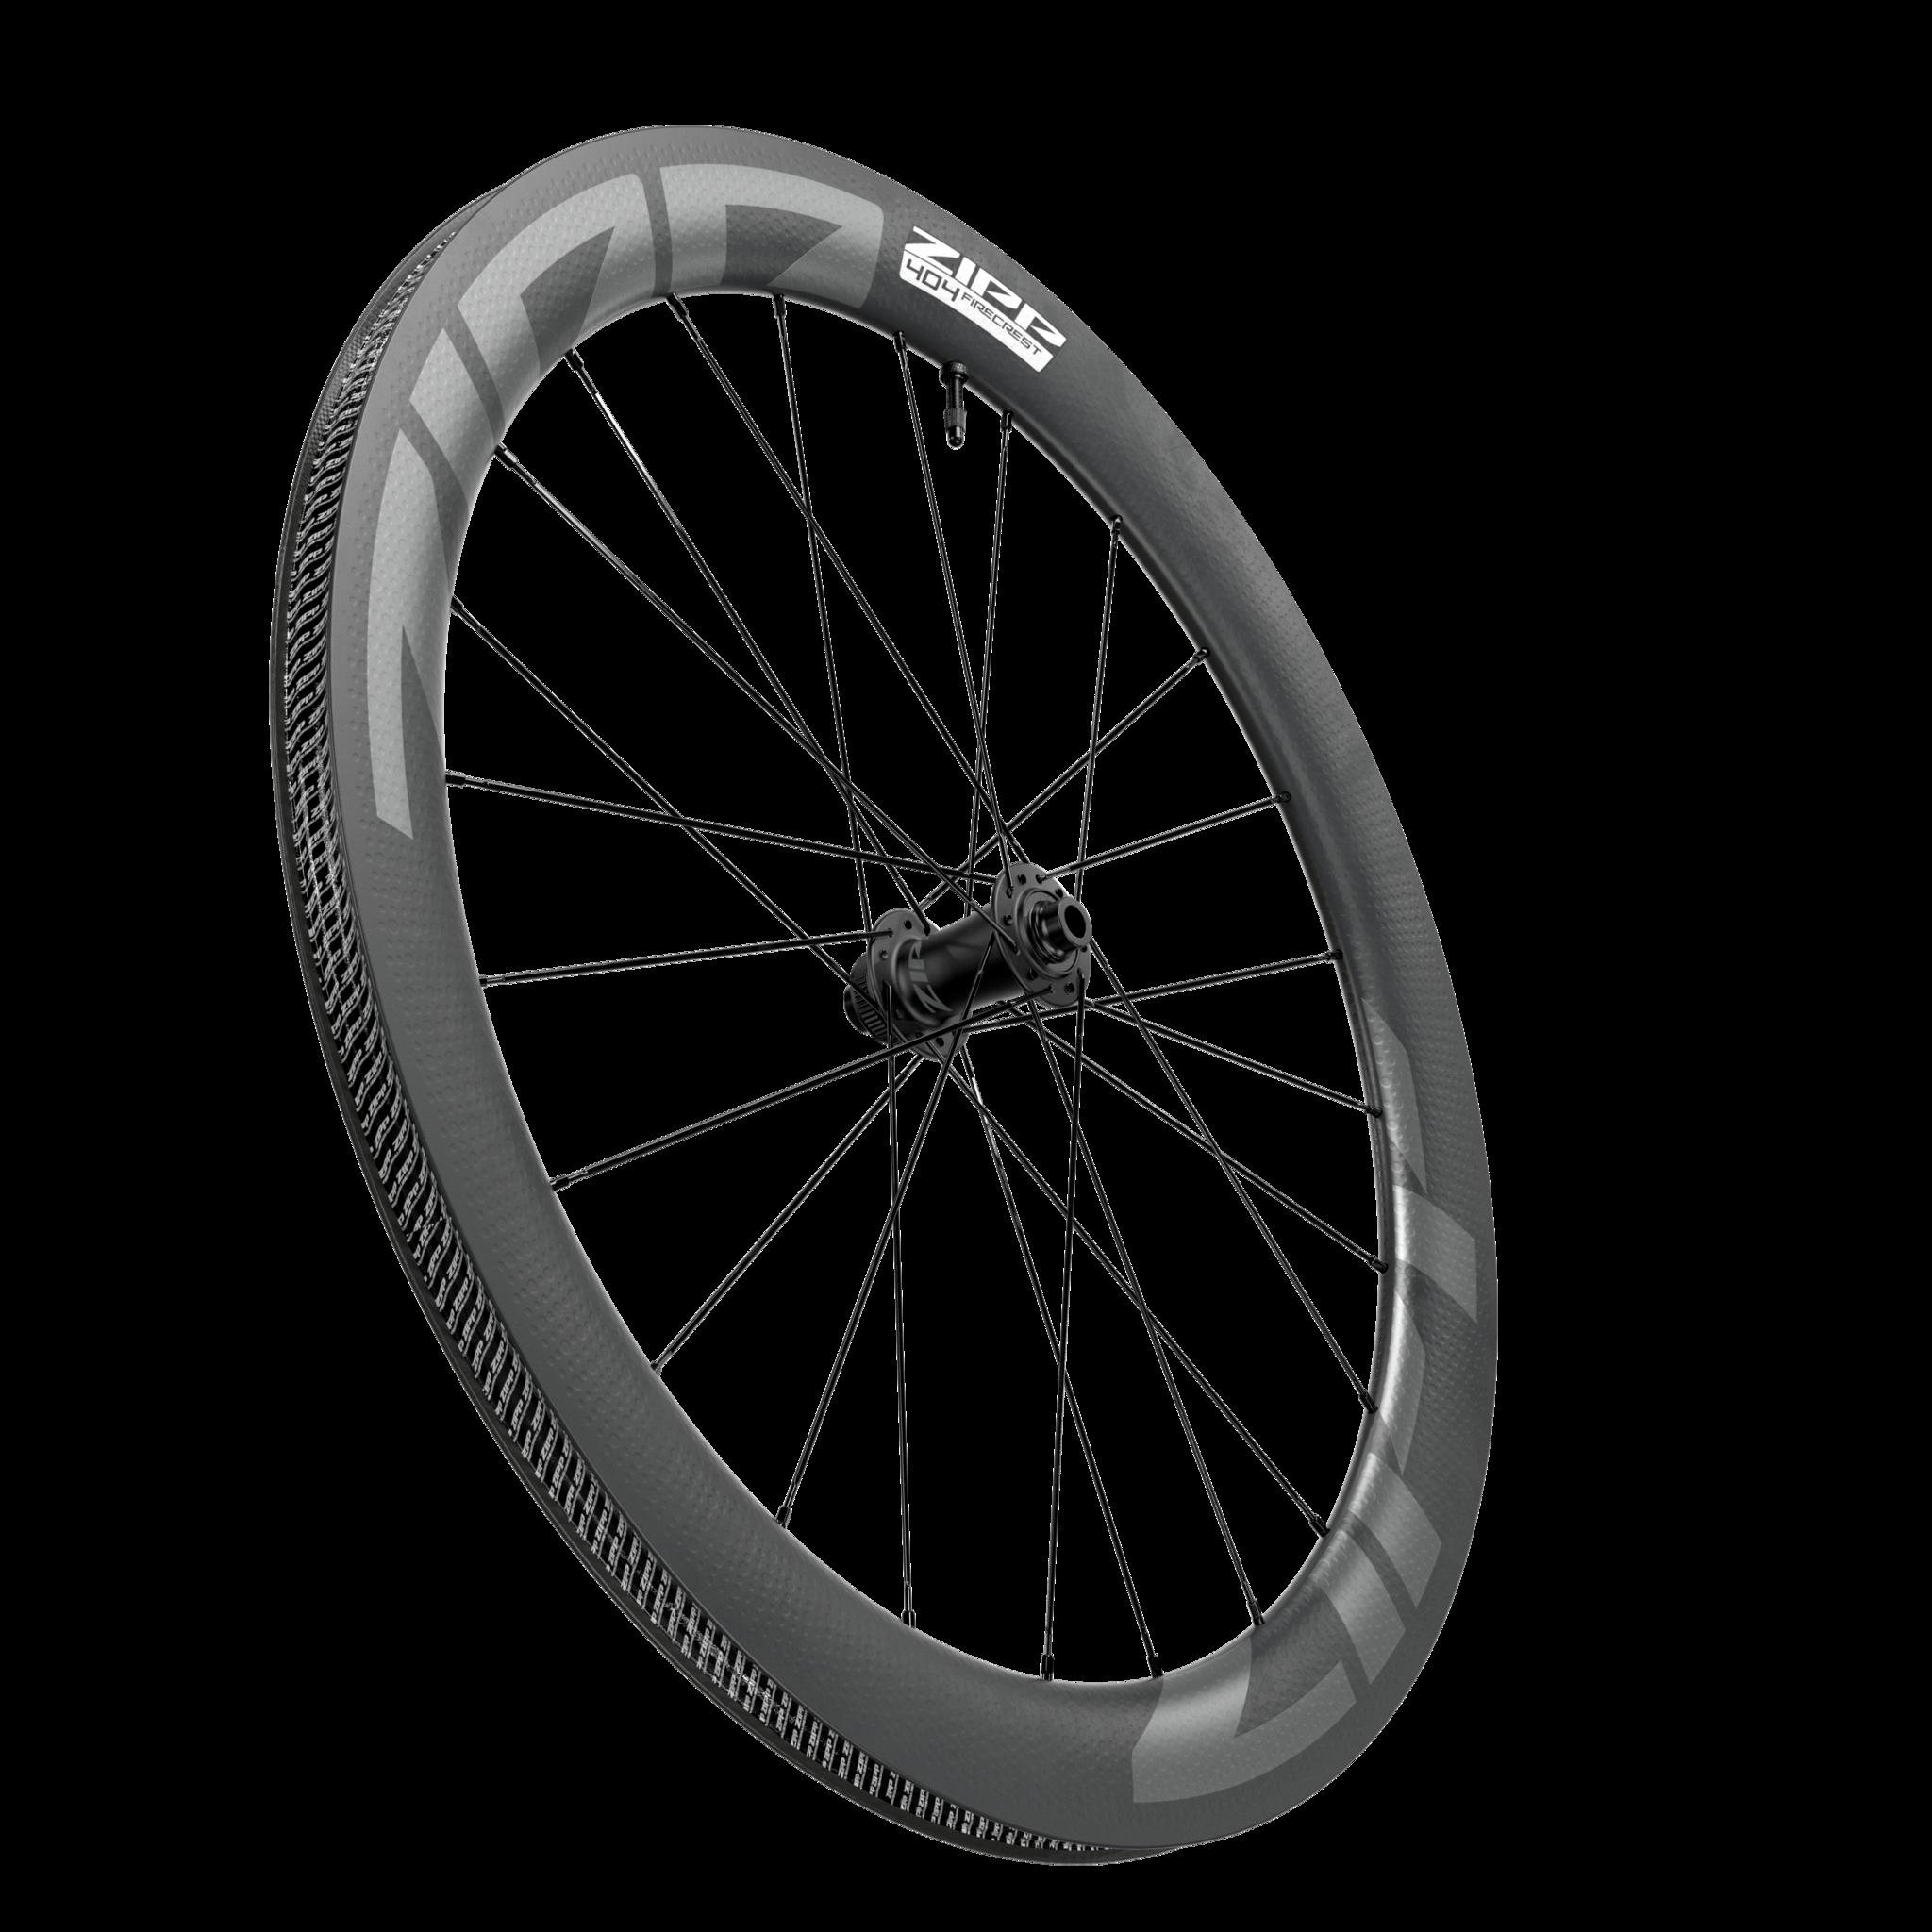 Zipp ZIPP 404 Firecrest Tubeless Disc CL Front Wheel 12X100